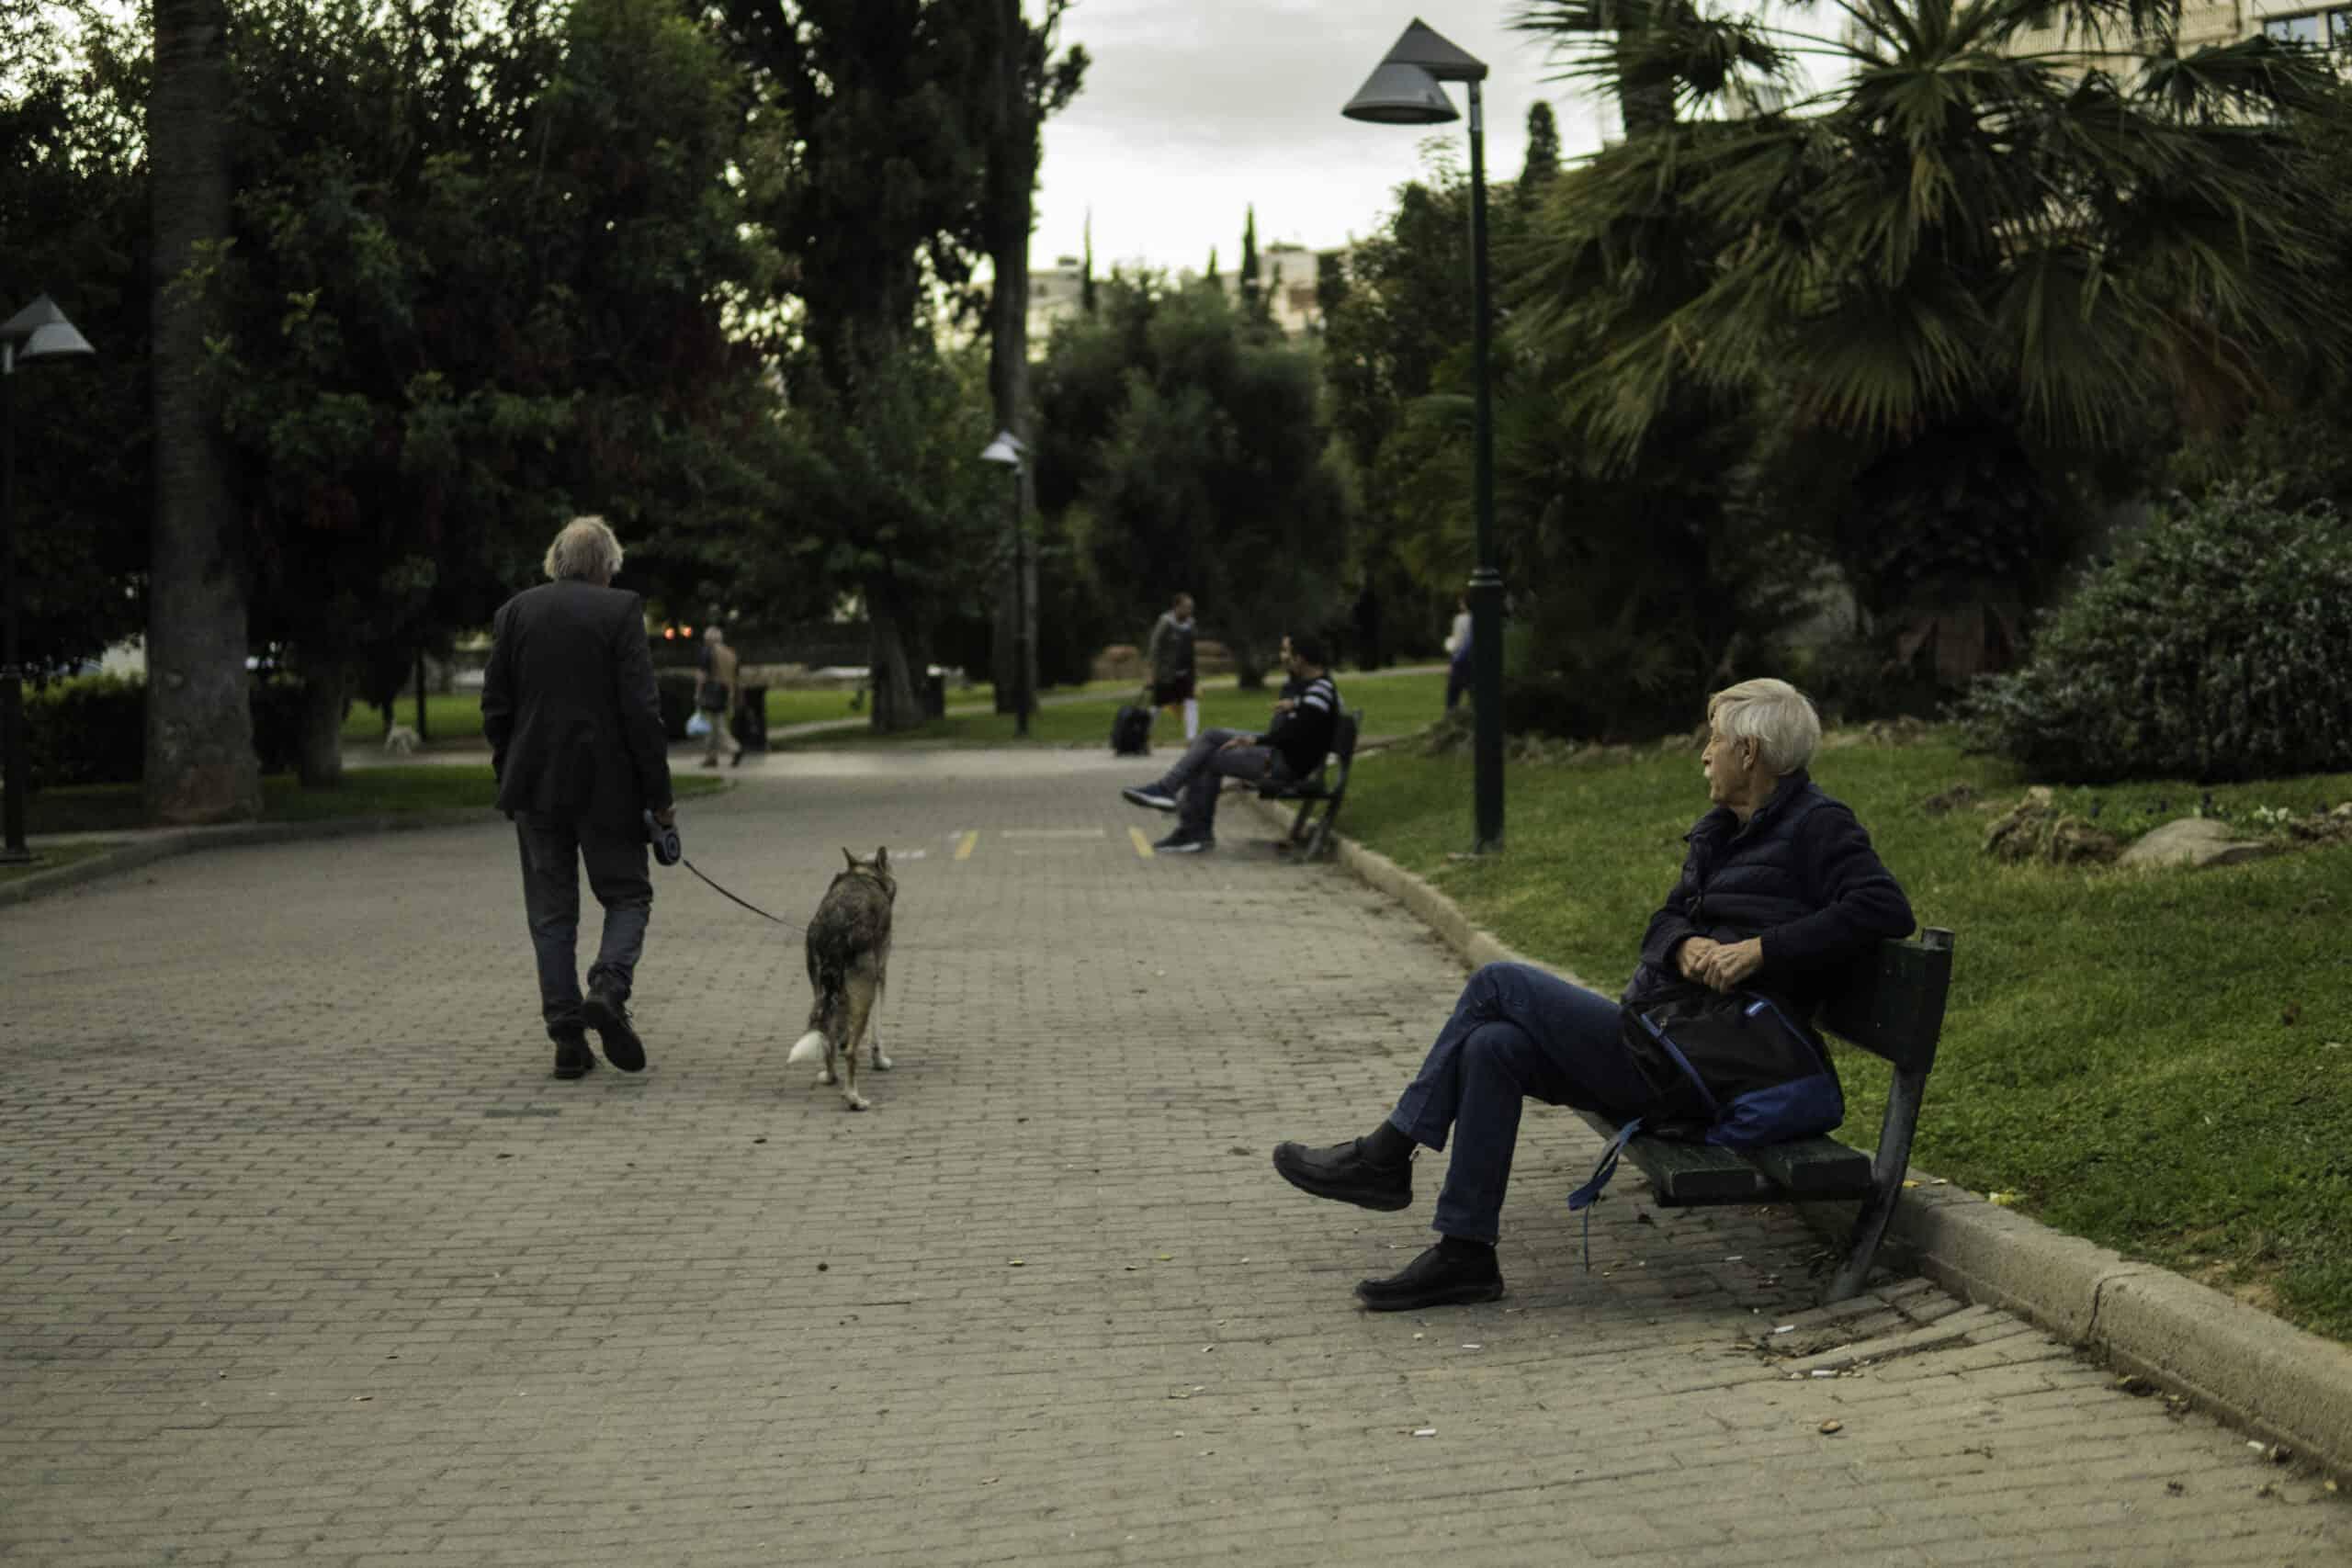 Αθήνα ανθρώπινη πόλη και δημόσιοι χώροι